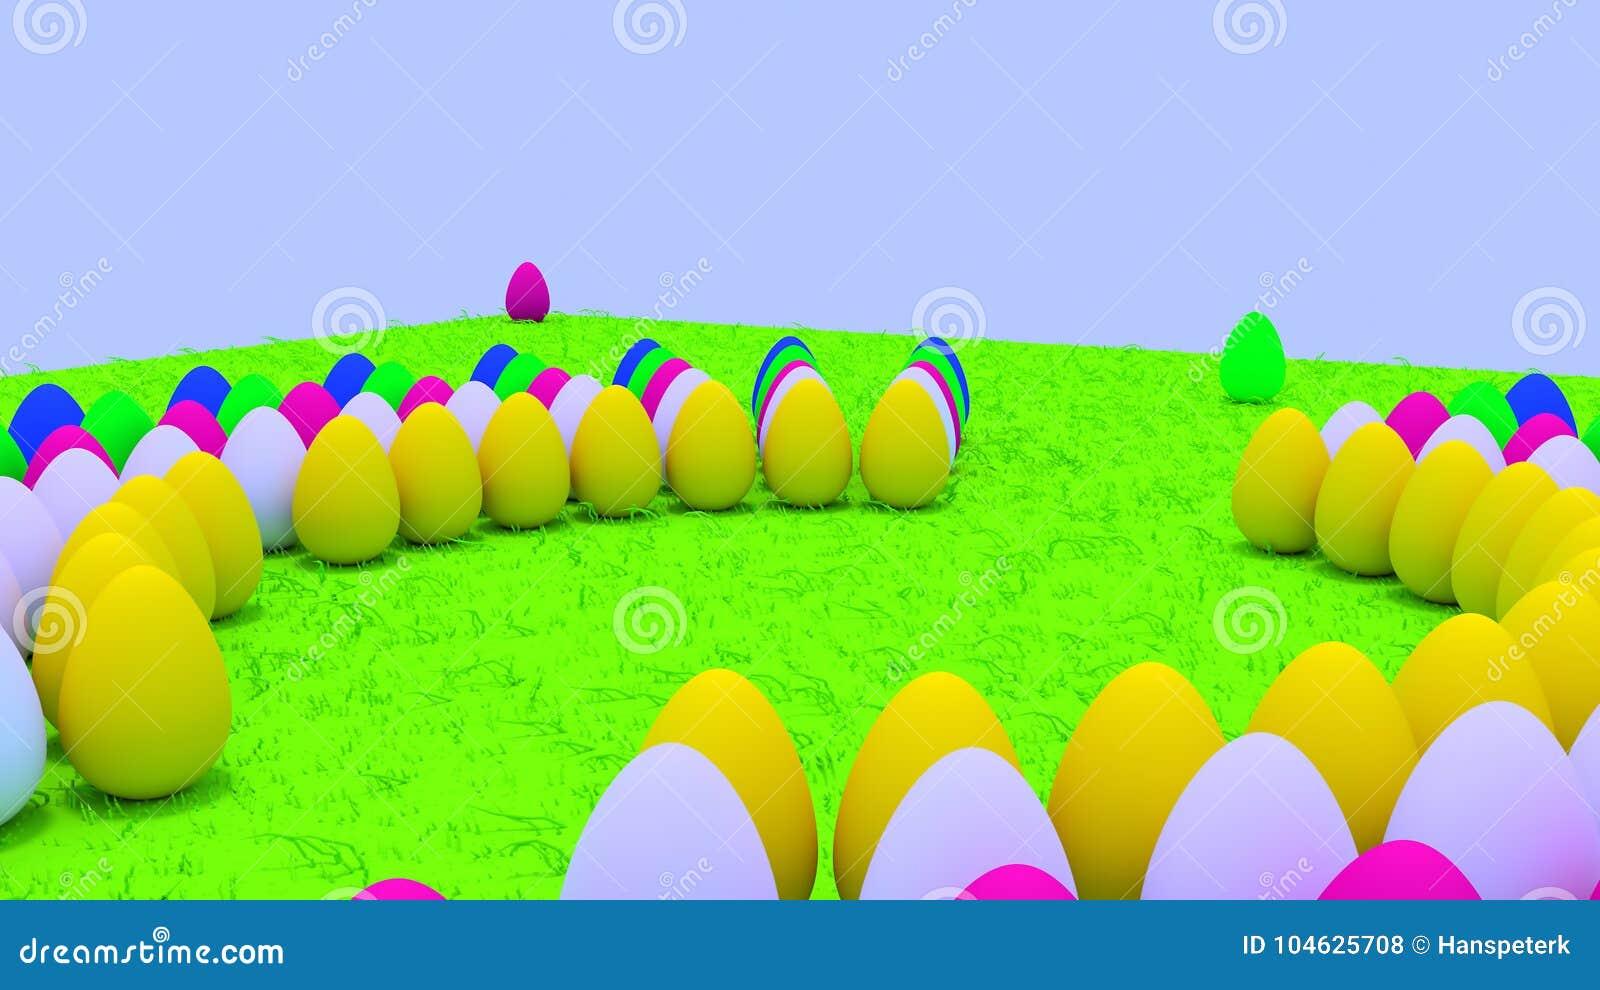 Download Paaseieren Die Zich Op Groen Gras Bevinden Stock Illustratie - Illustratie bestaande uit groen, gras: 104625708